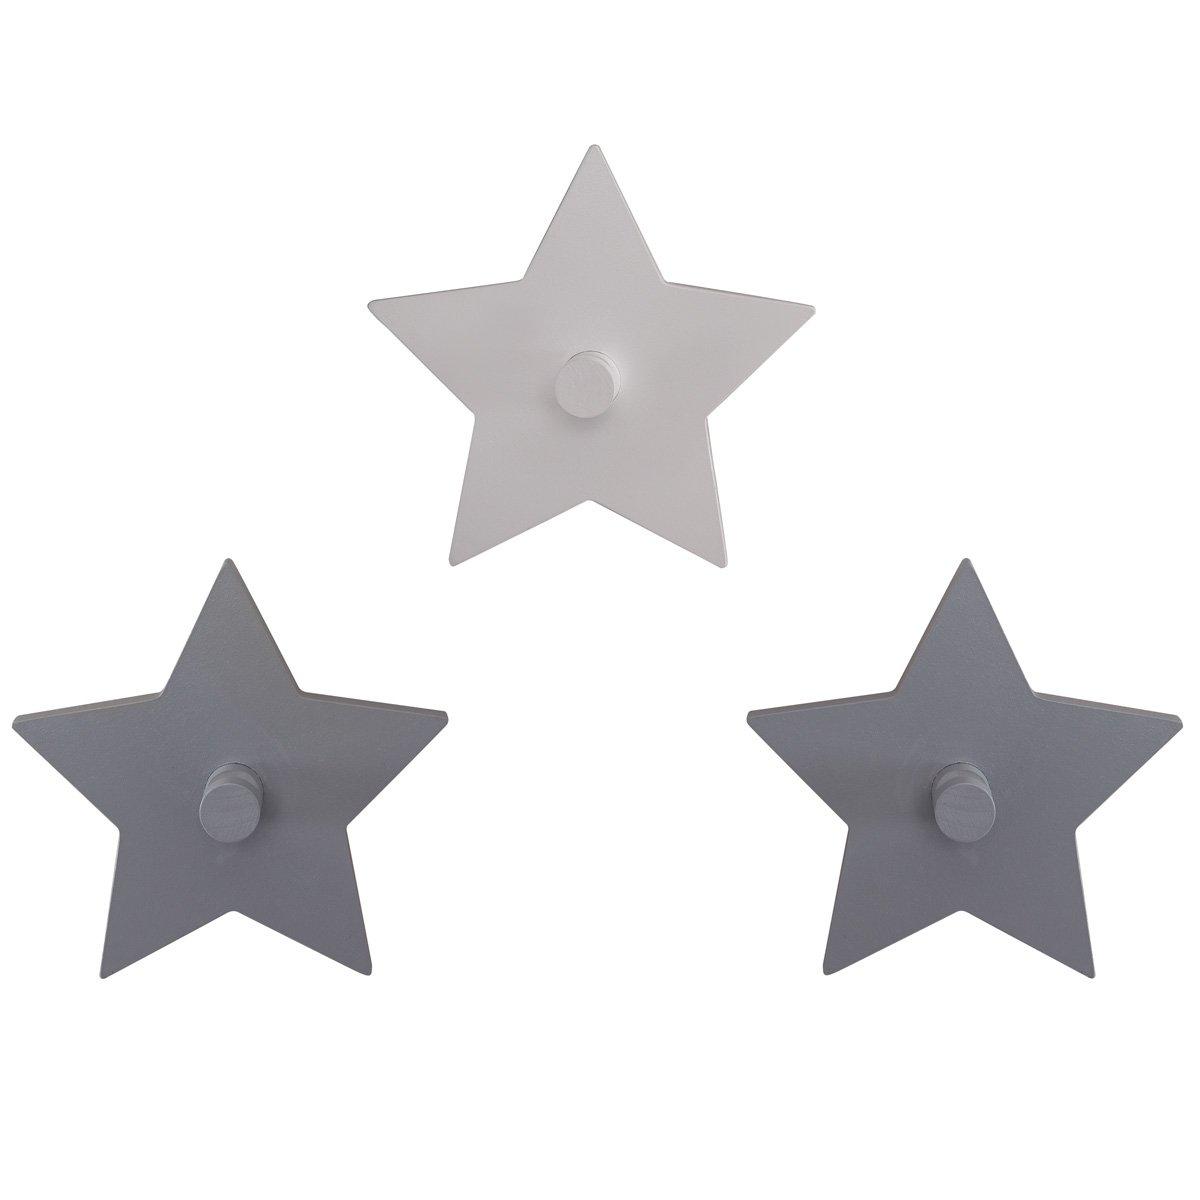 Kinderzimmer deko sterne  Baby 3er Set Wandhaken hochwertiges Holz Little Stars grau / weiß ...